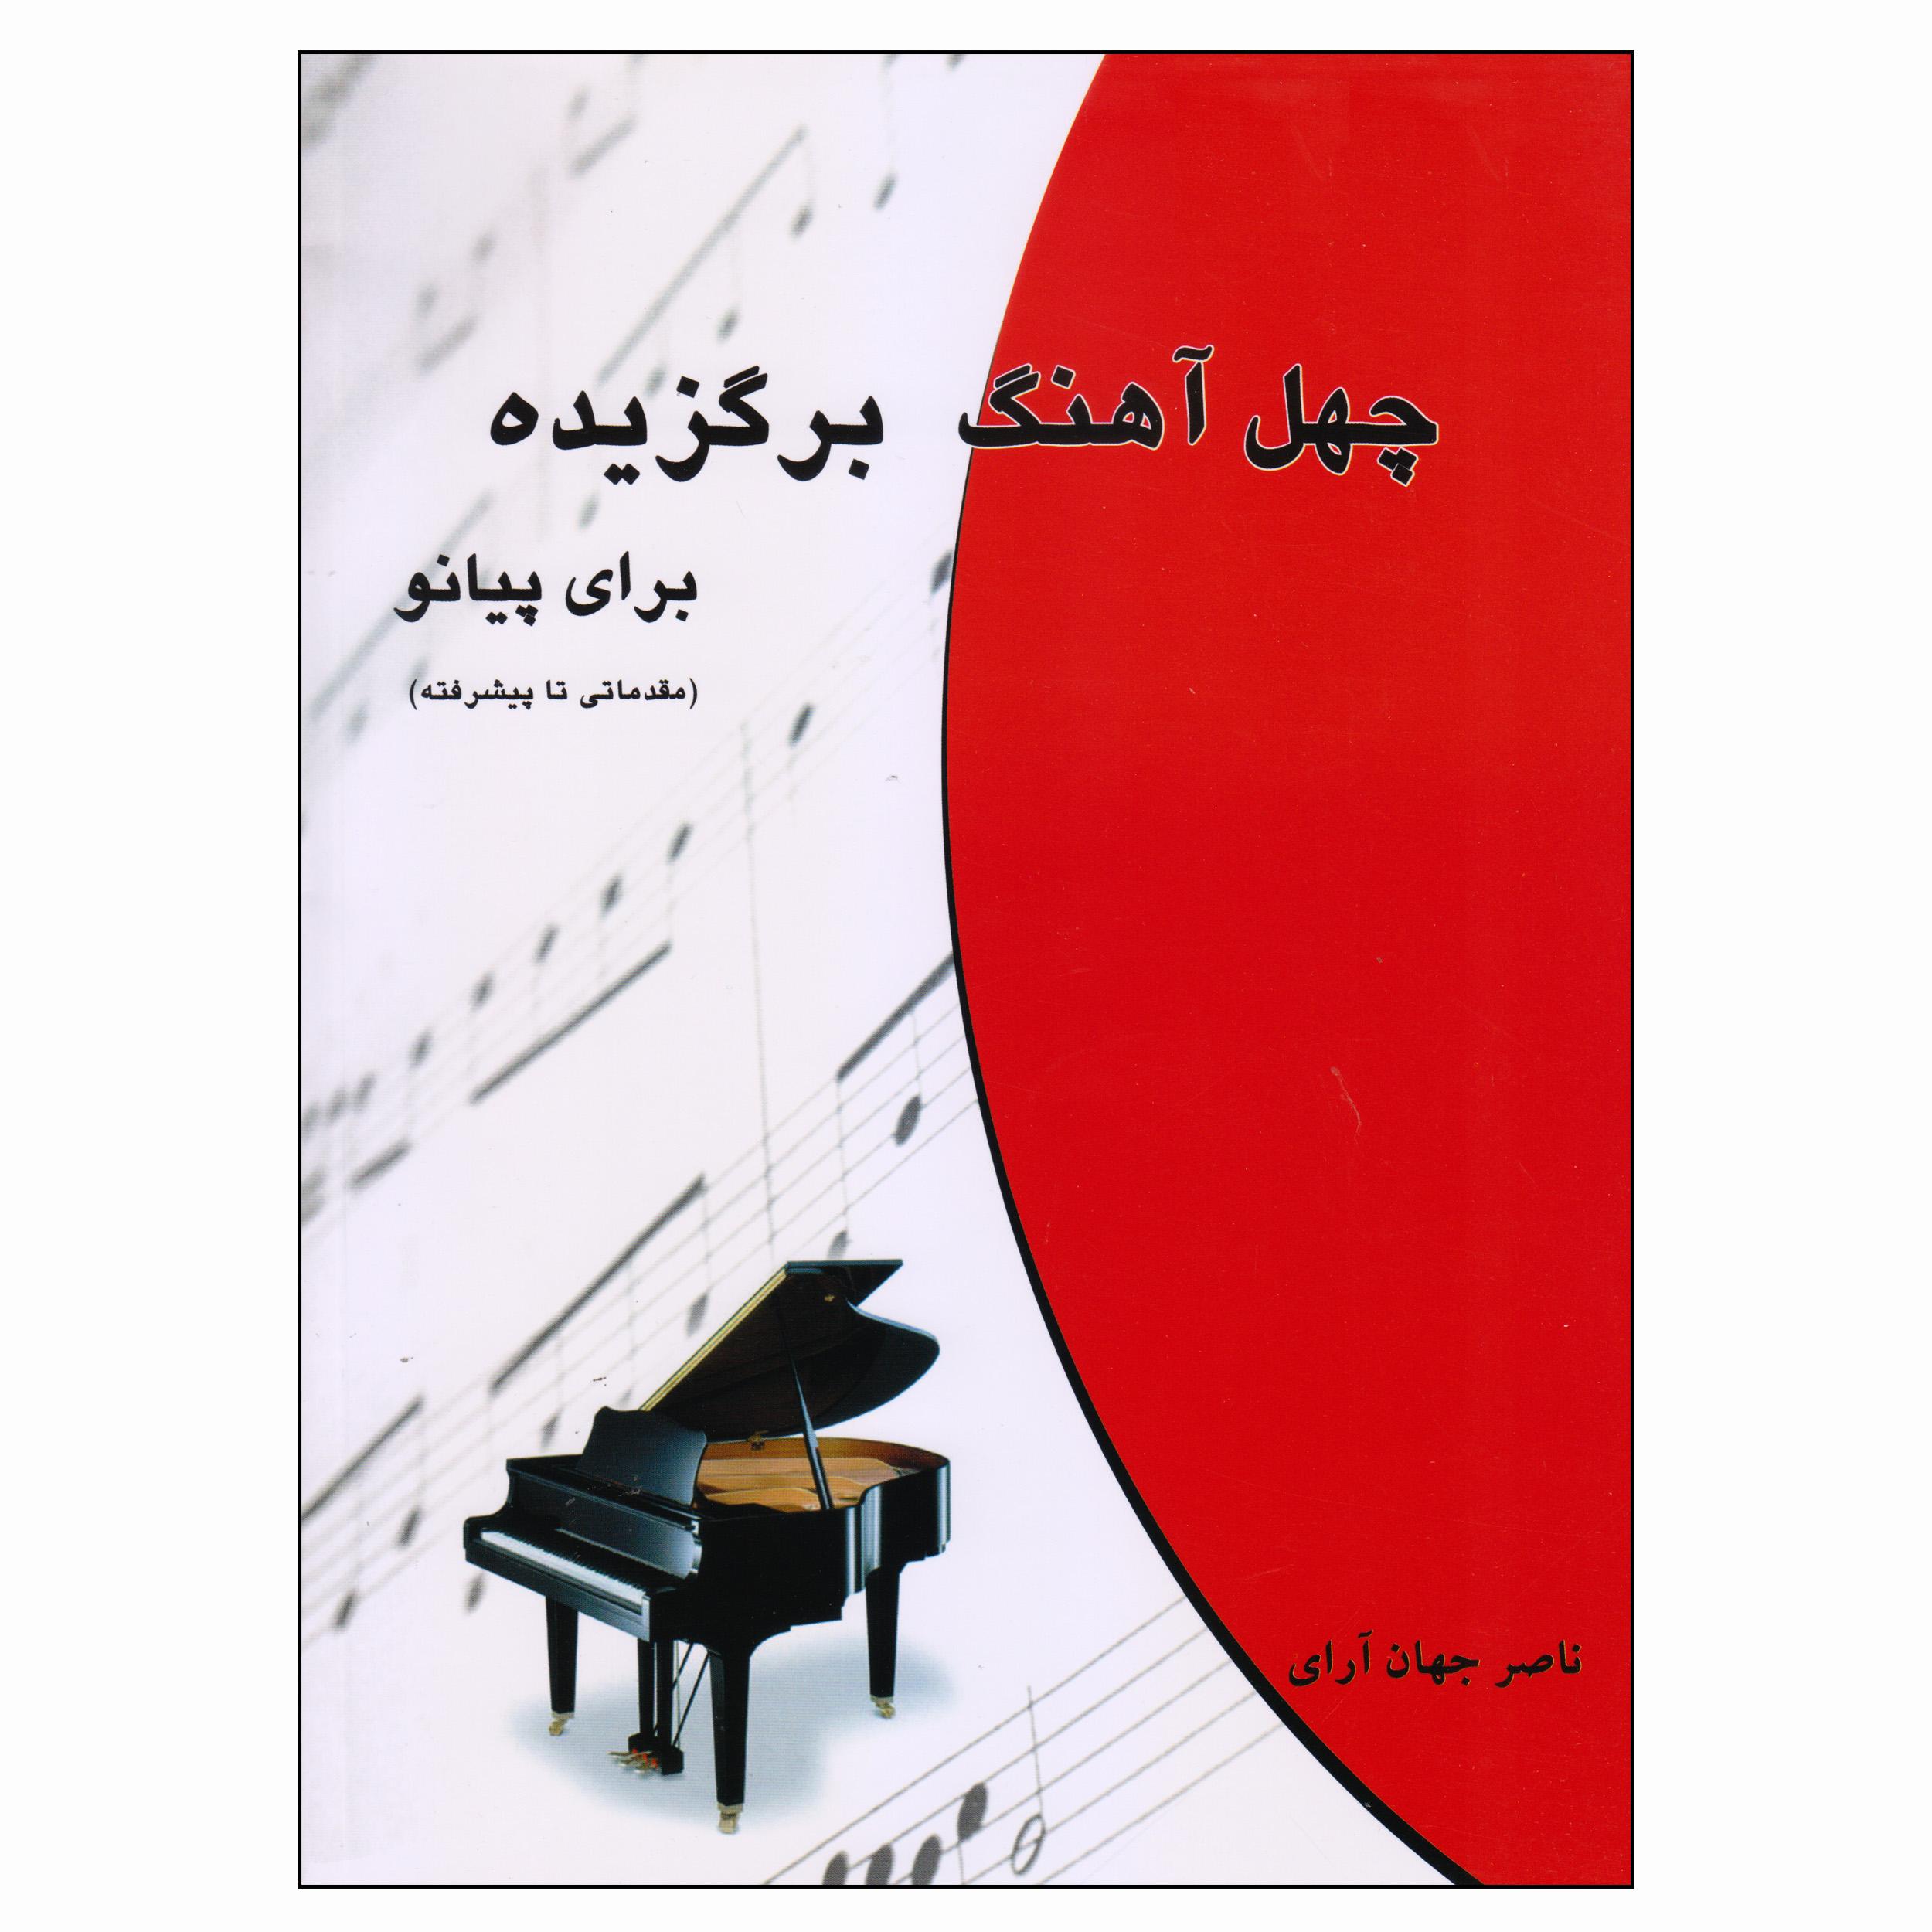 کتاب چهل آهنگ برگزیده برای پیانو اثر ناصر جهان آرای انتشارات چندگاه